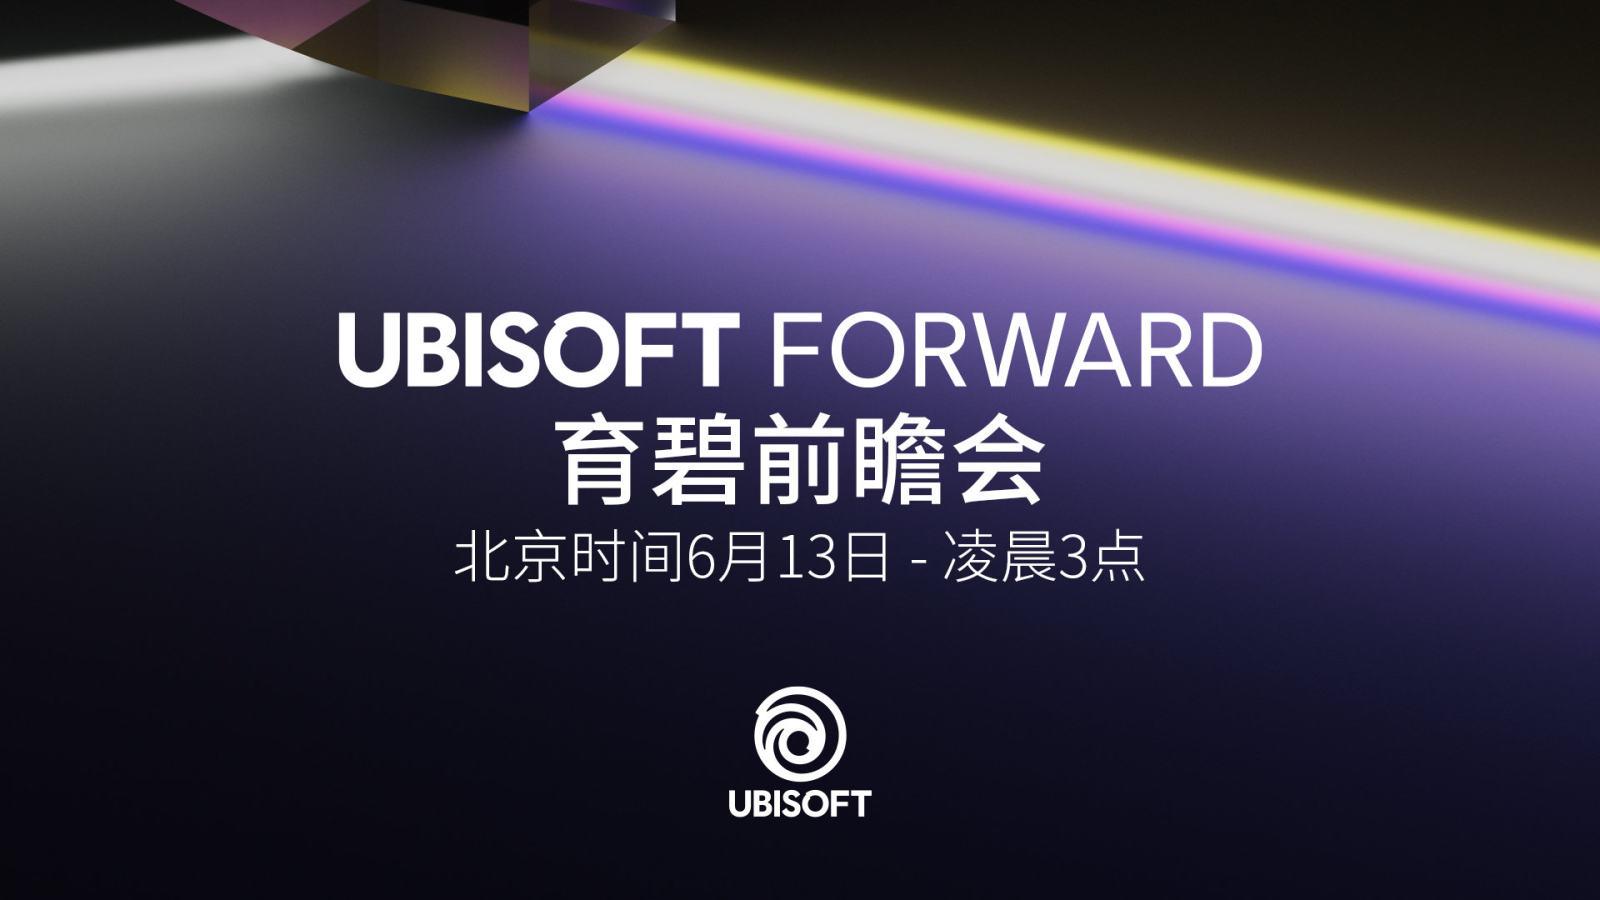 育碧前瞻会将在北京时间6月13日凌晨3点播出